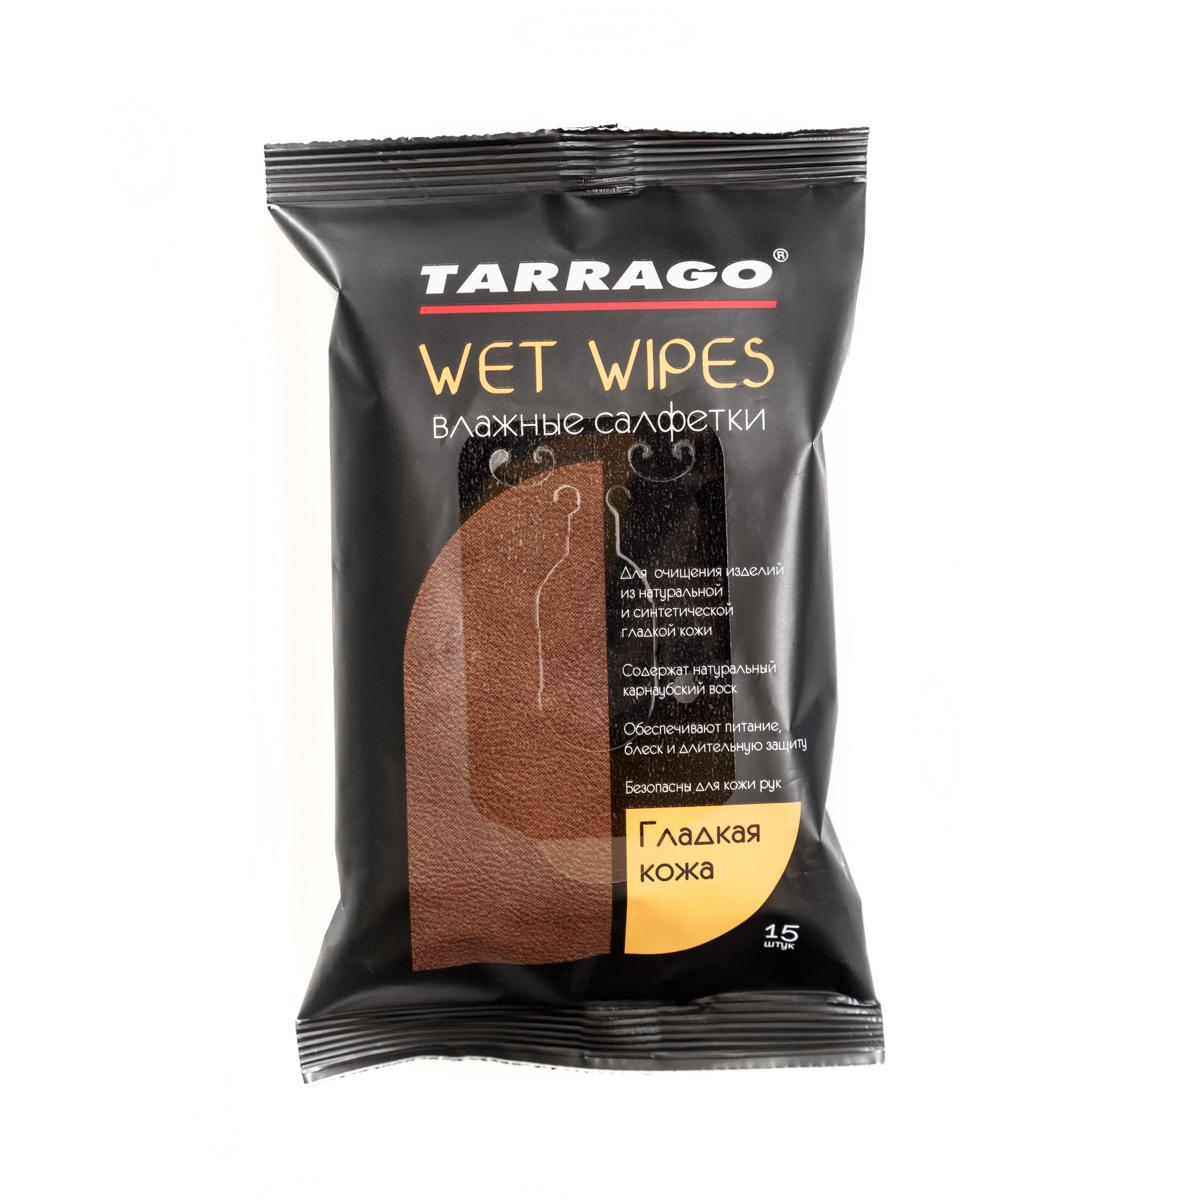 Салфетки Tarrago влажные, для кожи (15шт.) фото